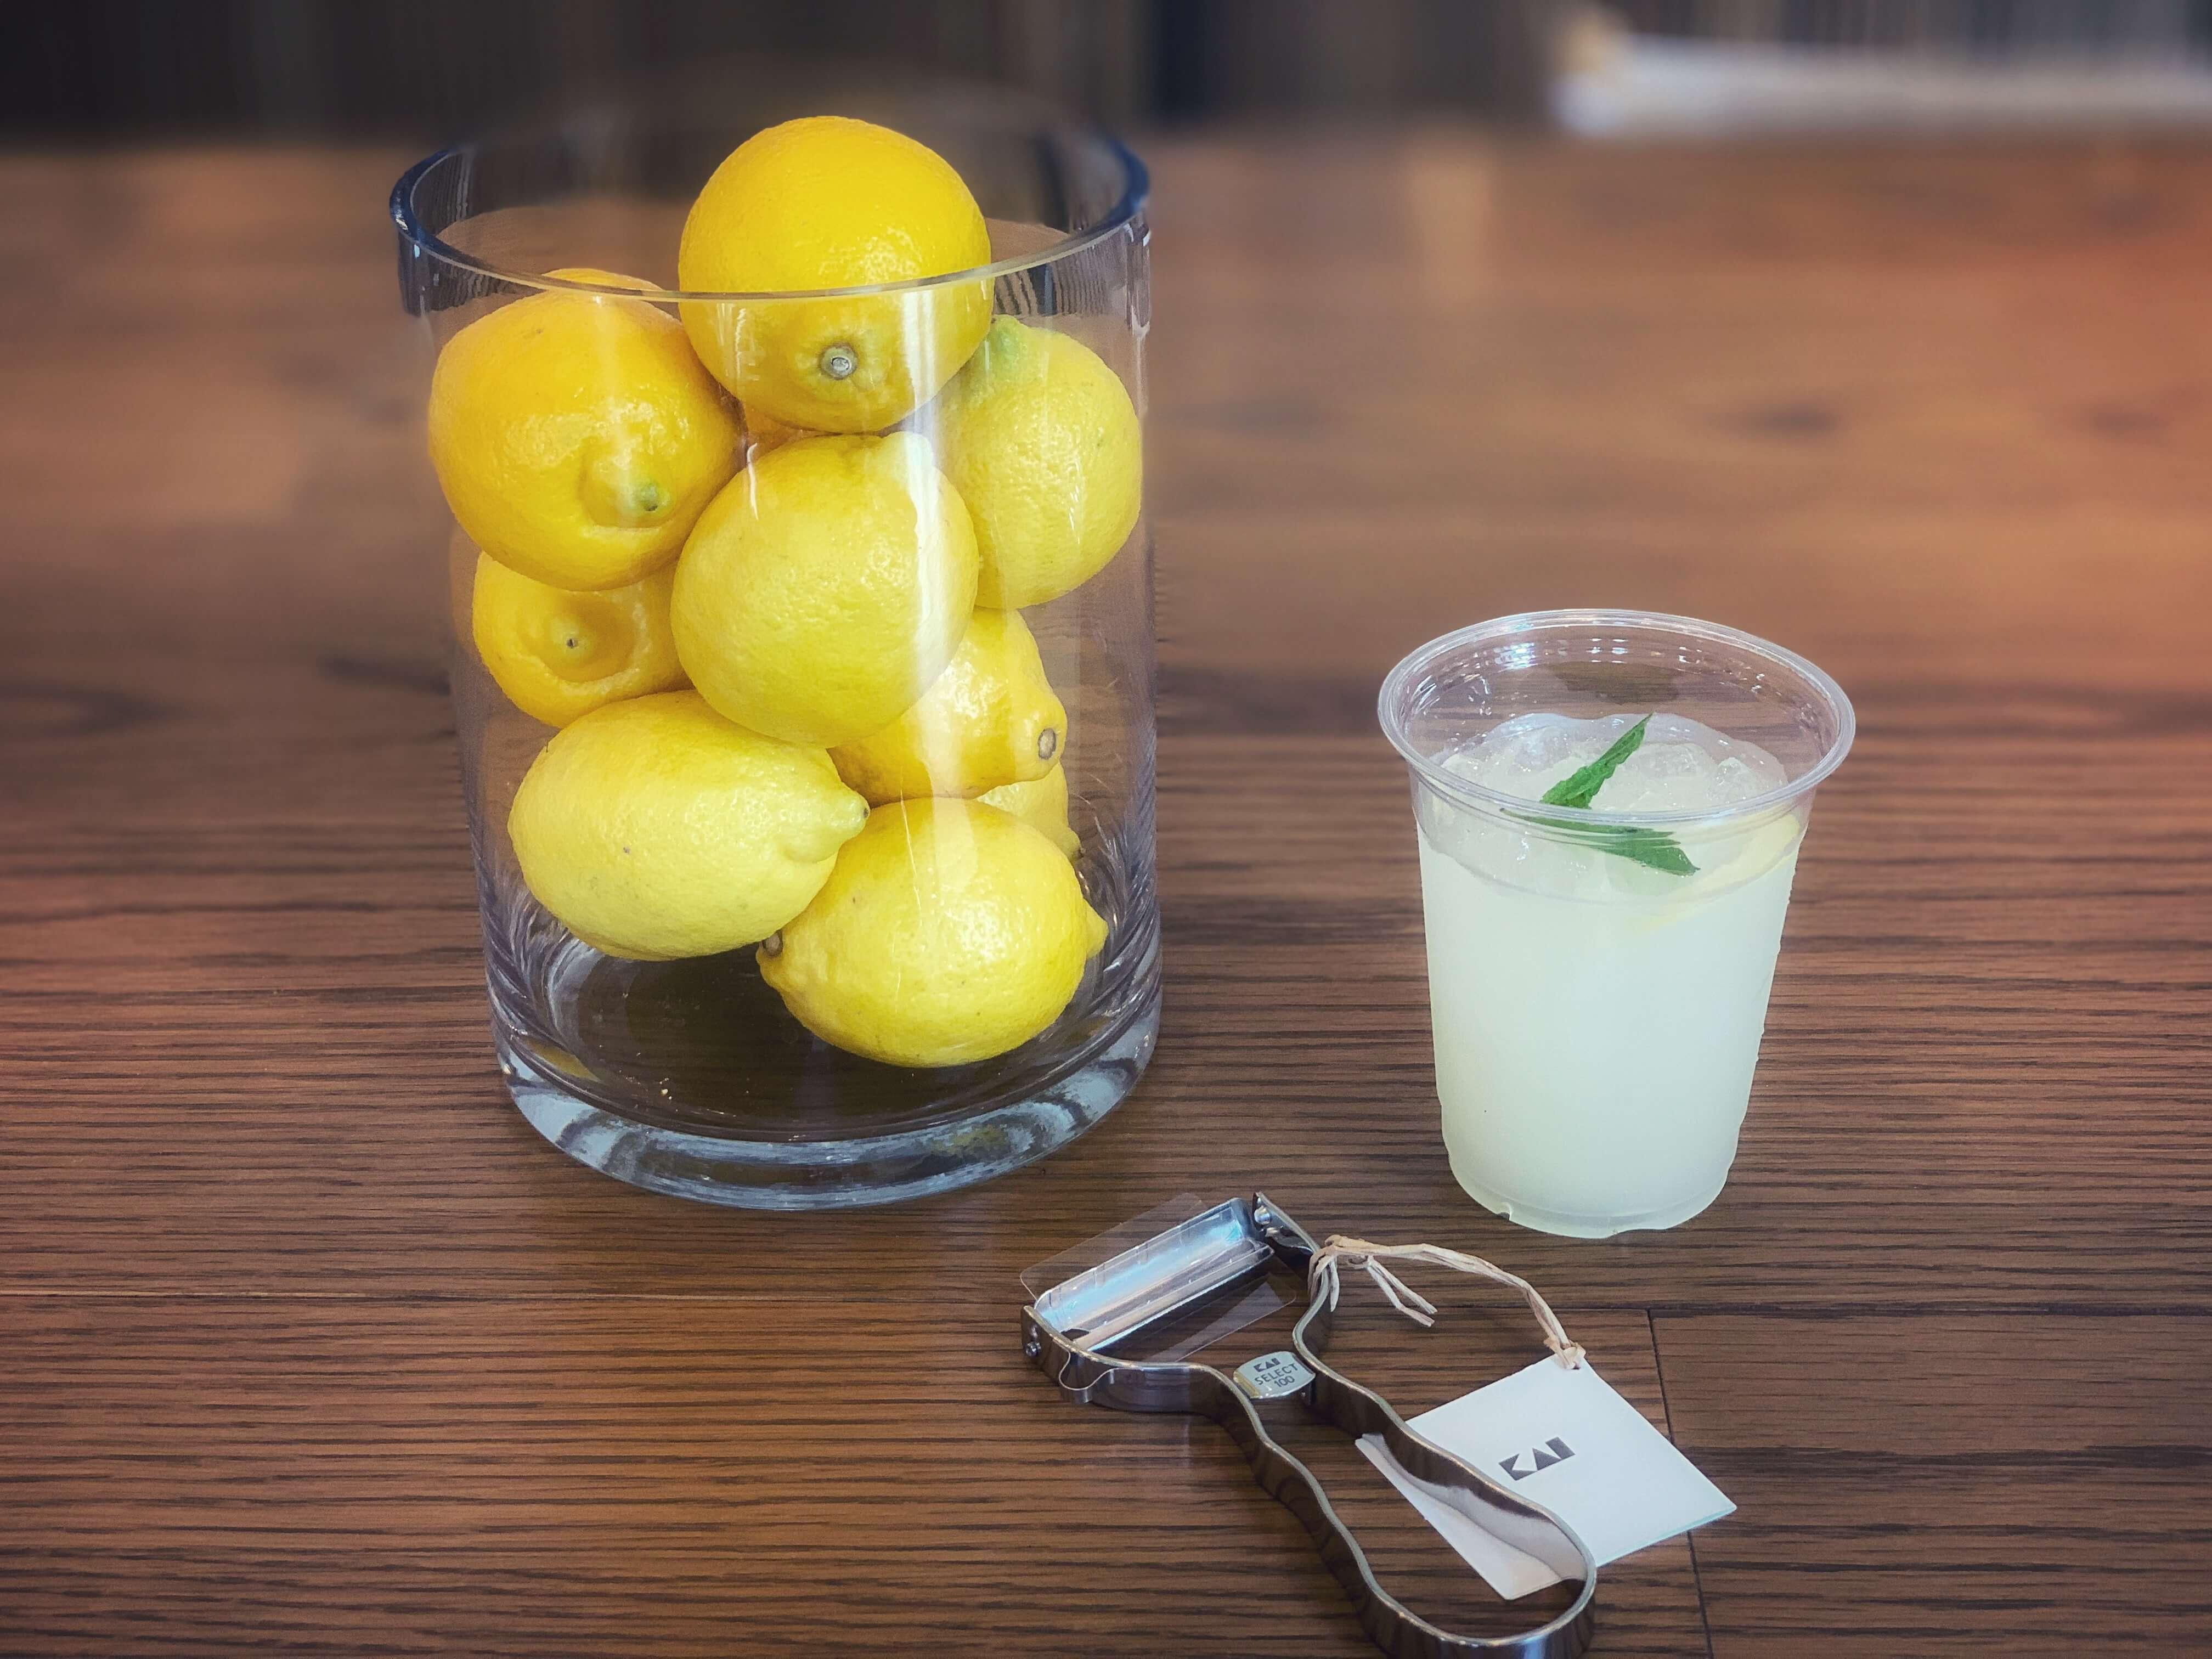 テーブル上に置かれる貝印ピーラーとレモン